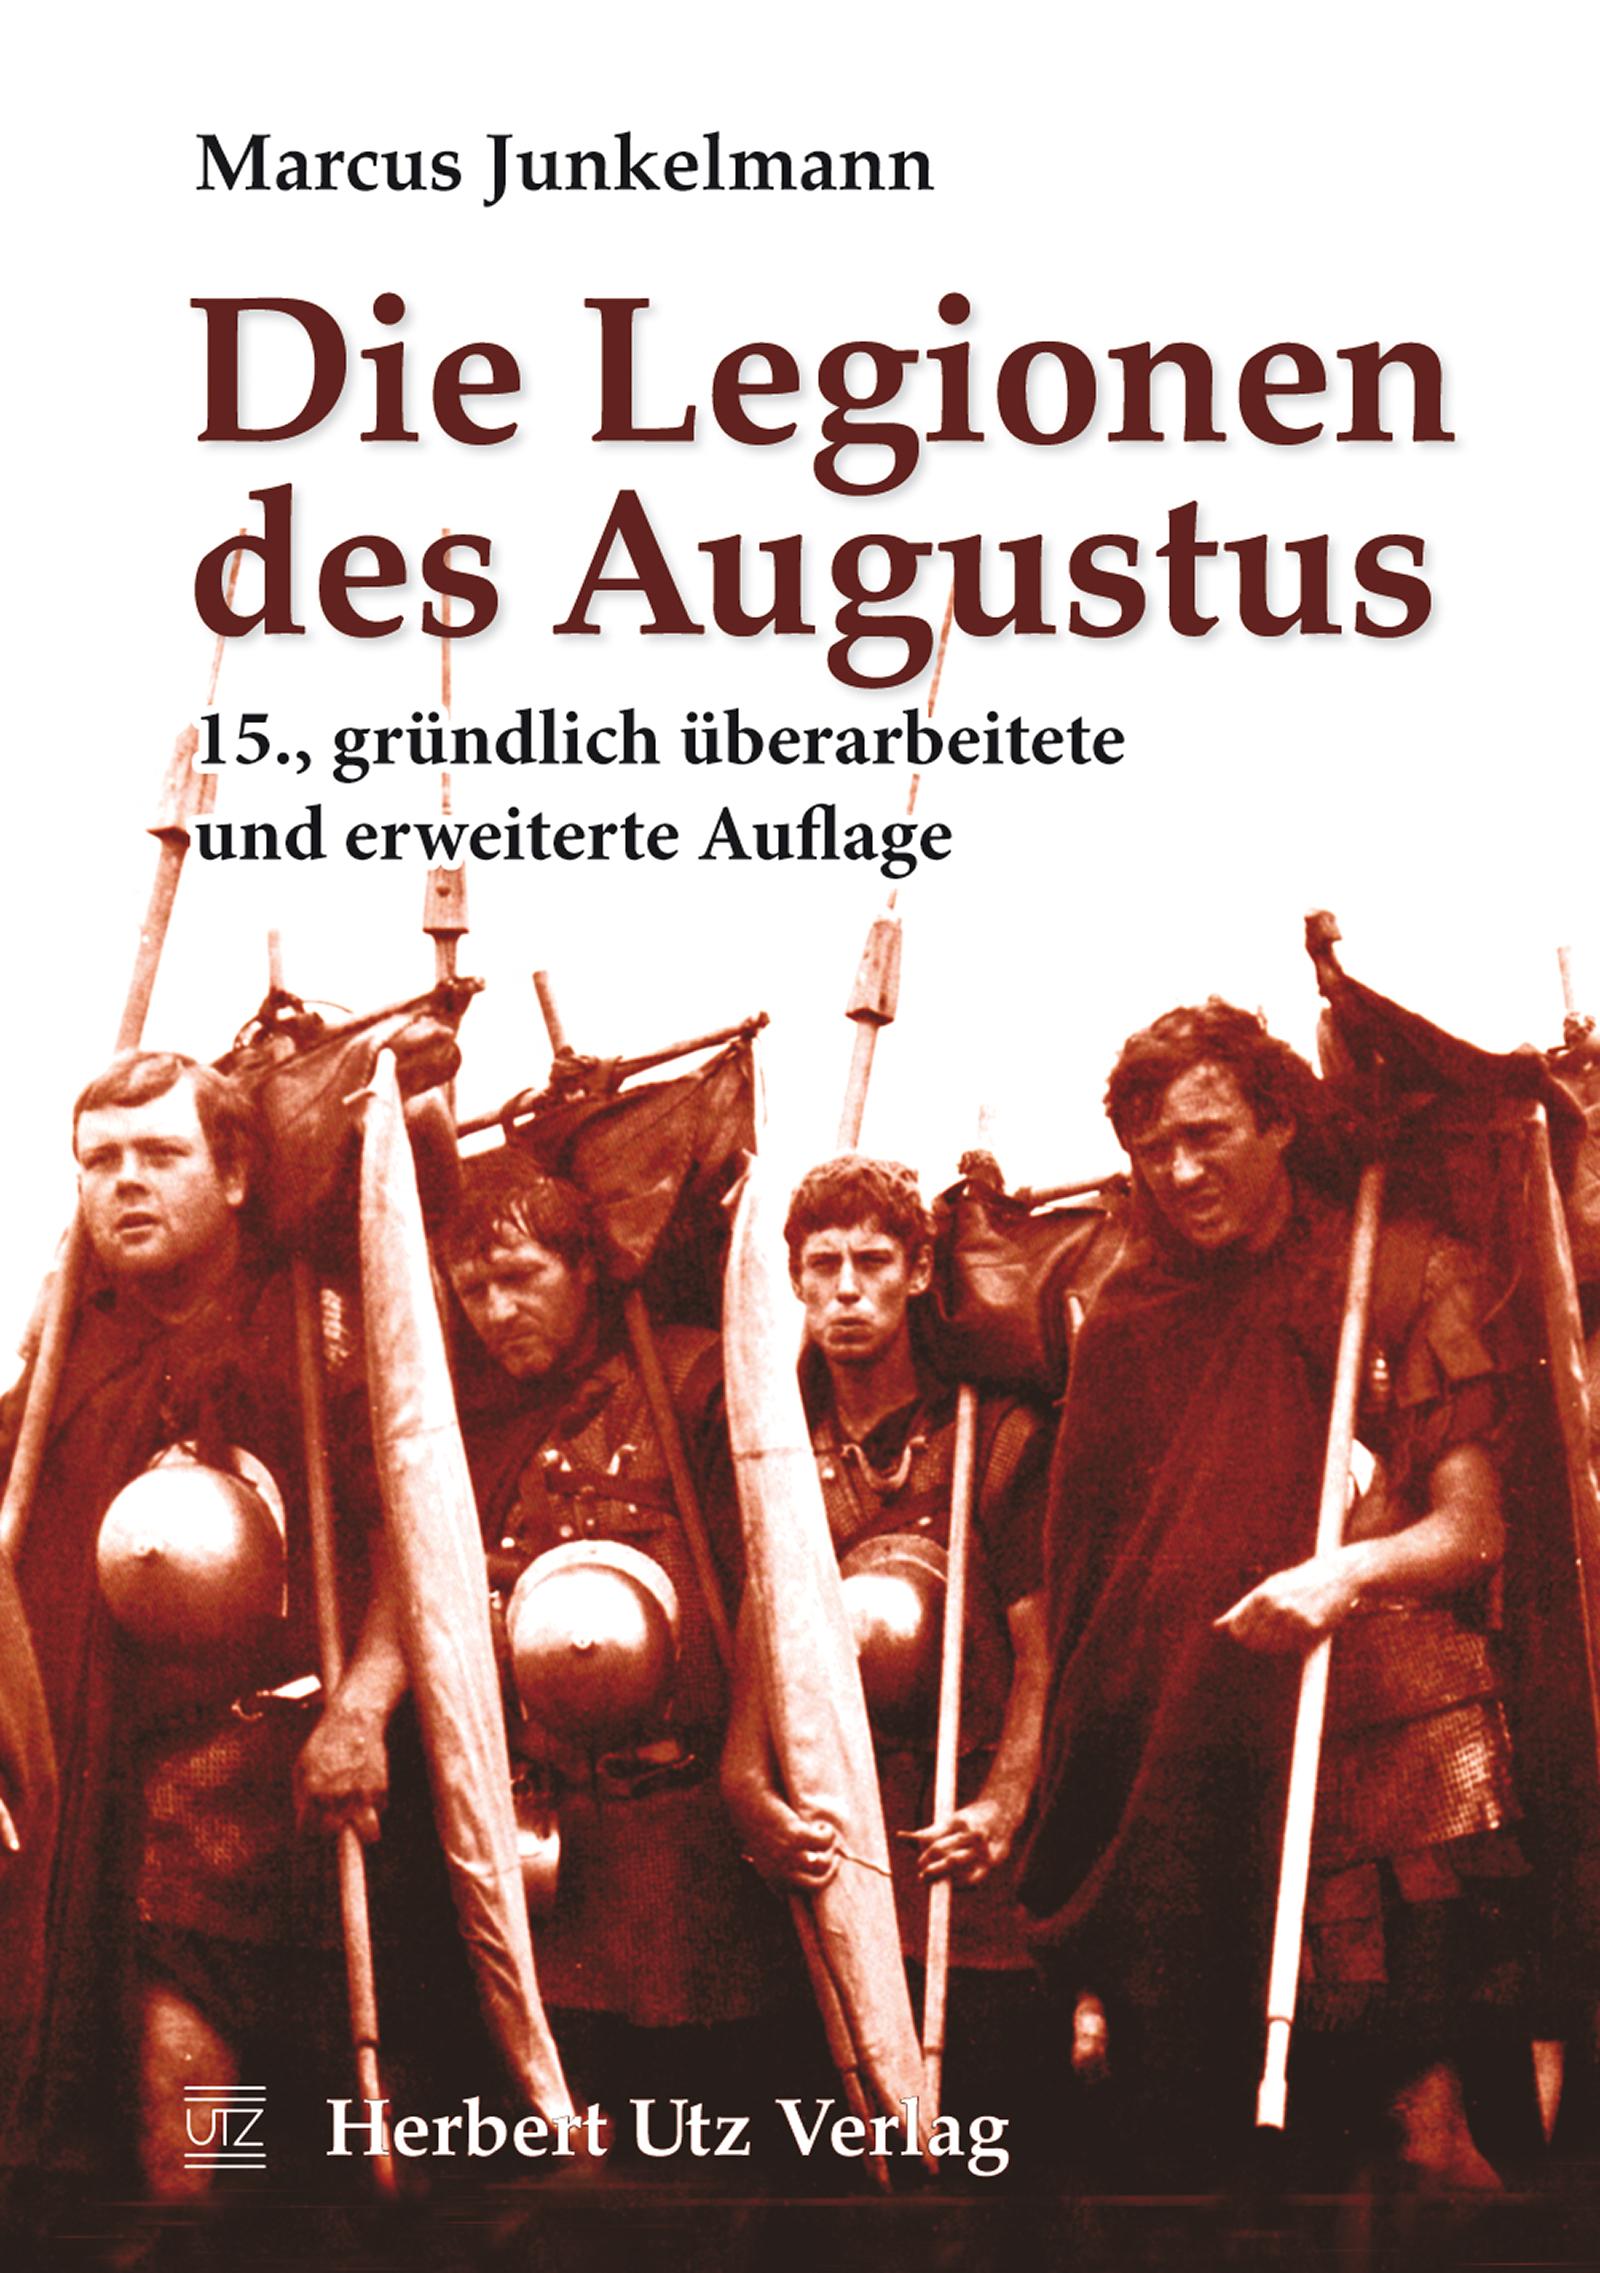 Die-Legionen-des-Augustus